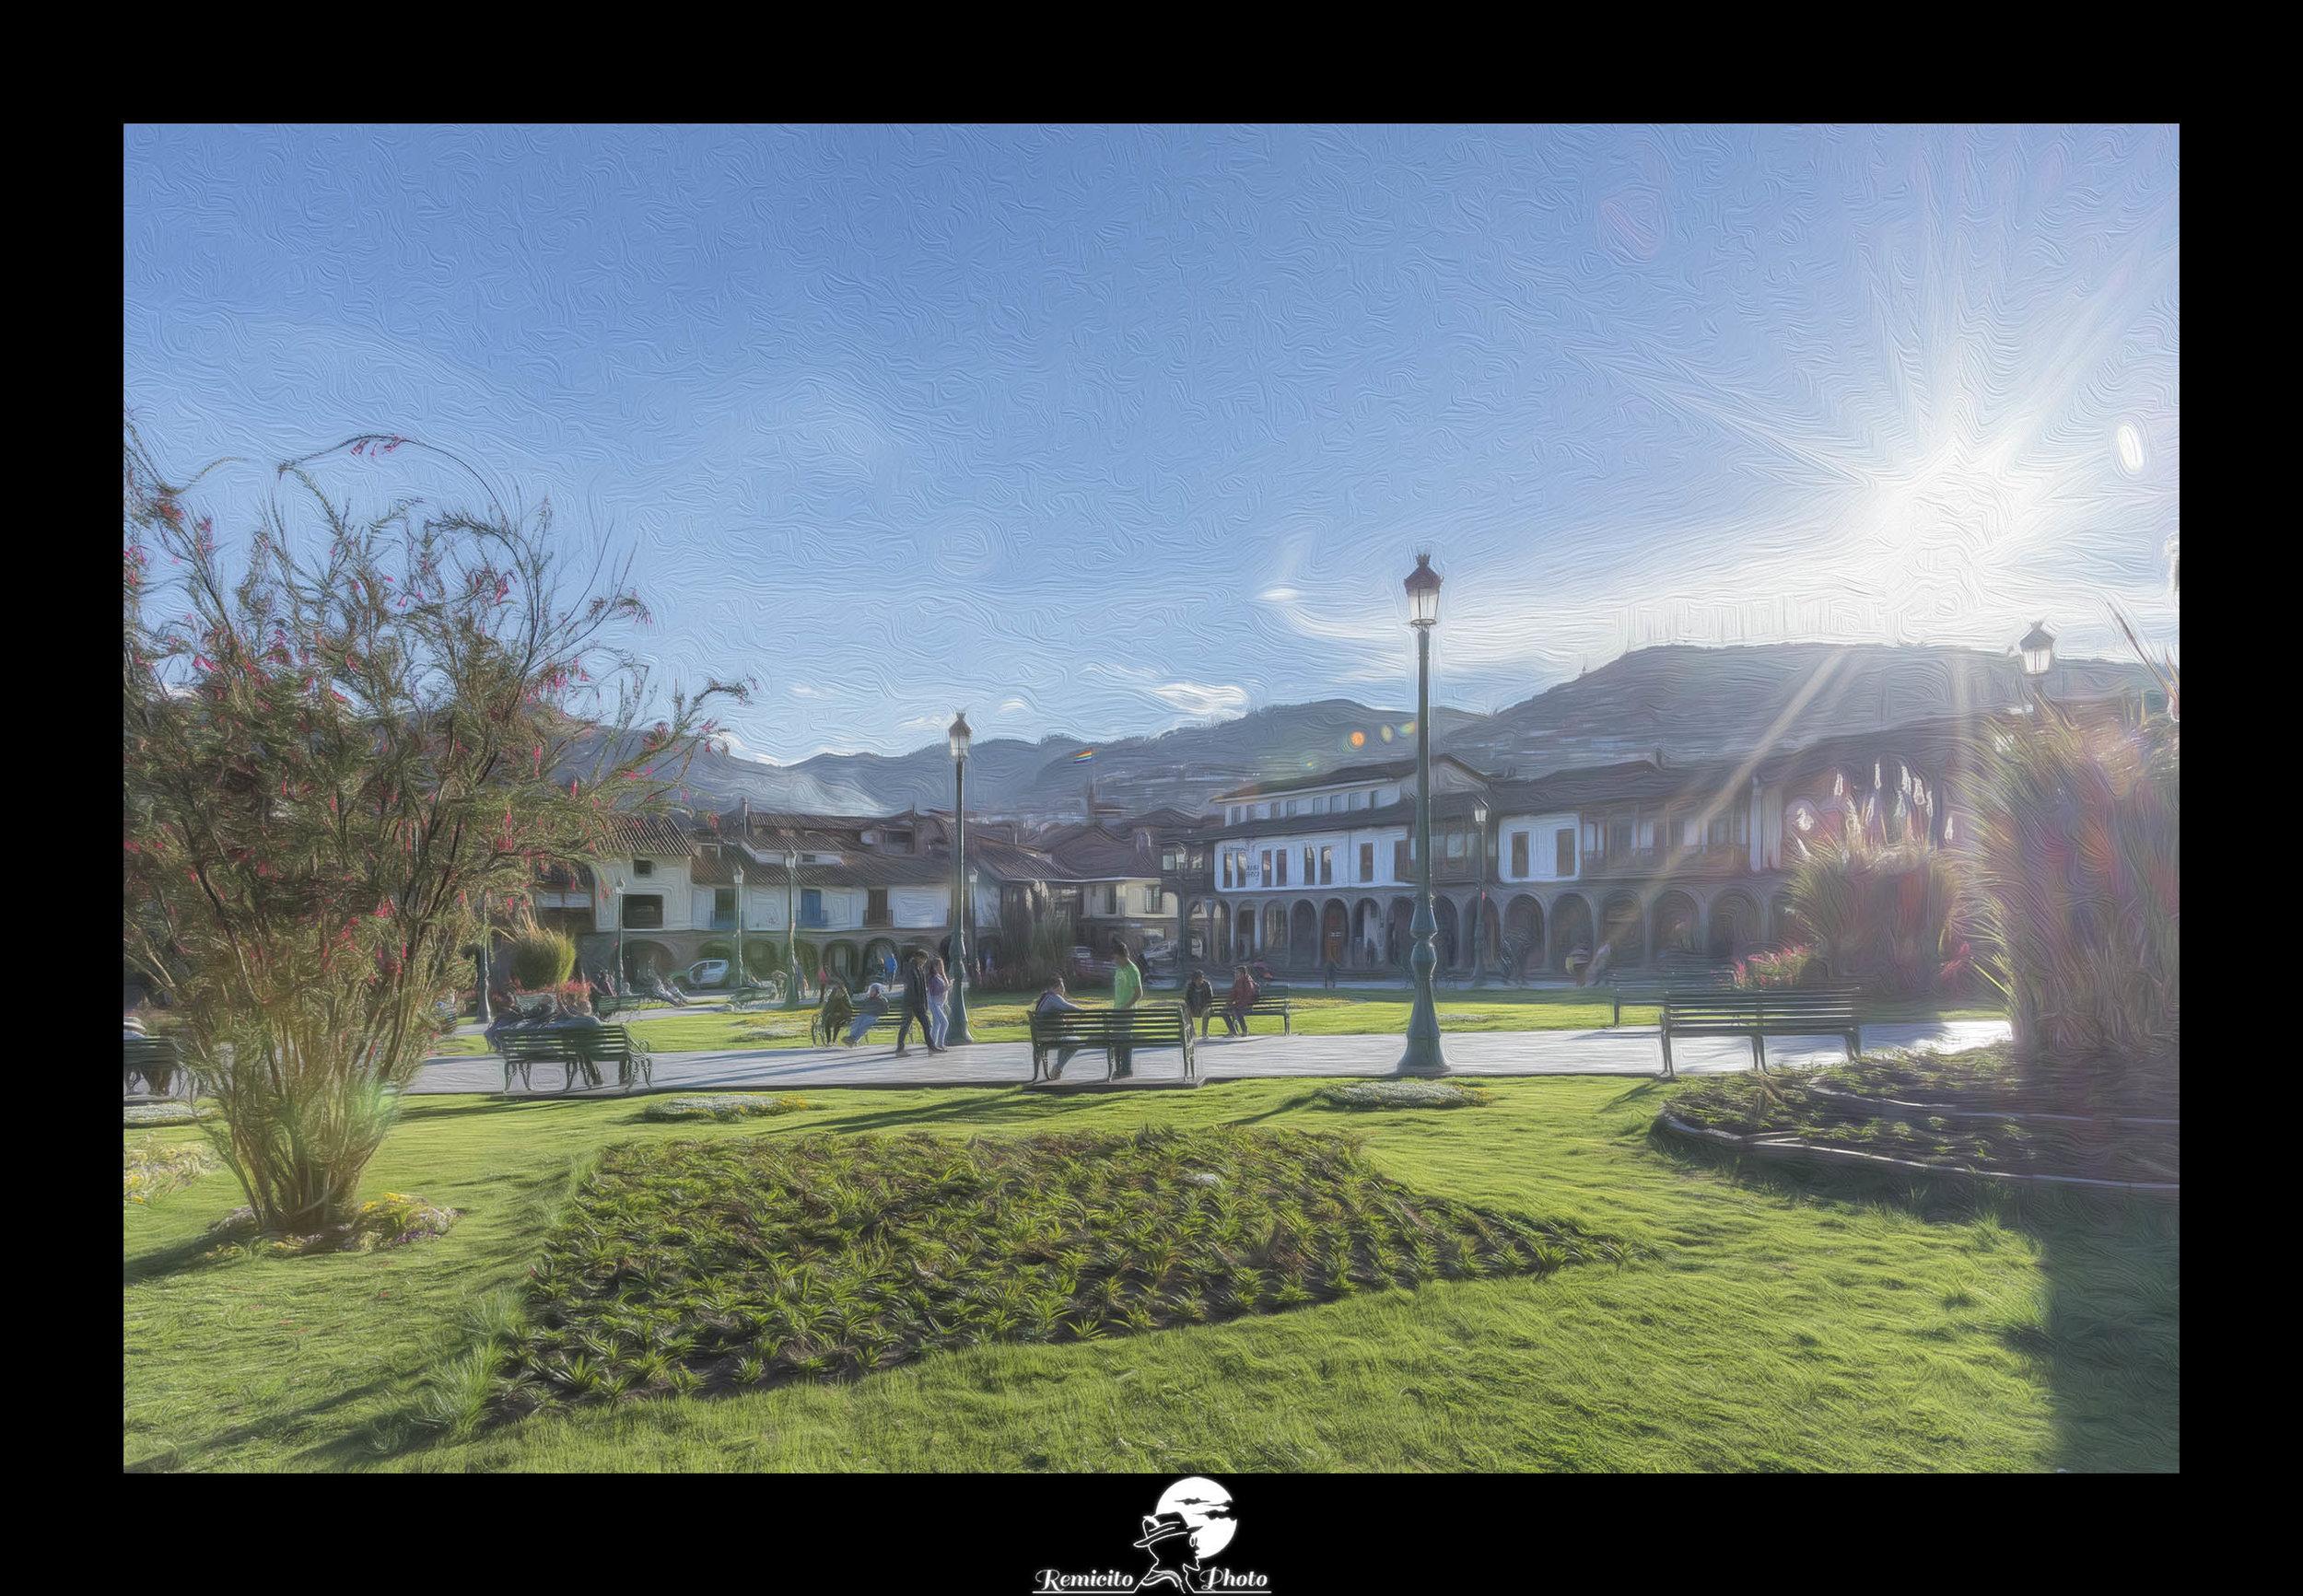 remicito photo, image du jour, photo du jour, photo of the day, idée cadeau, idée déco, belle photo, tirage photo de qualité, french photographer, photographe français, paintography, photo Cuzco, photo cusco, photo Perou